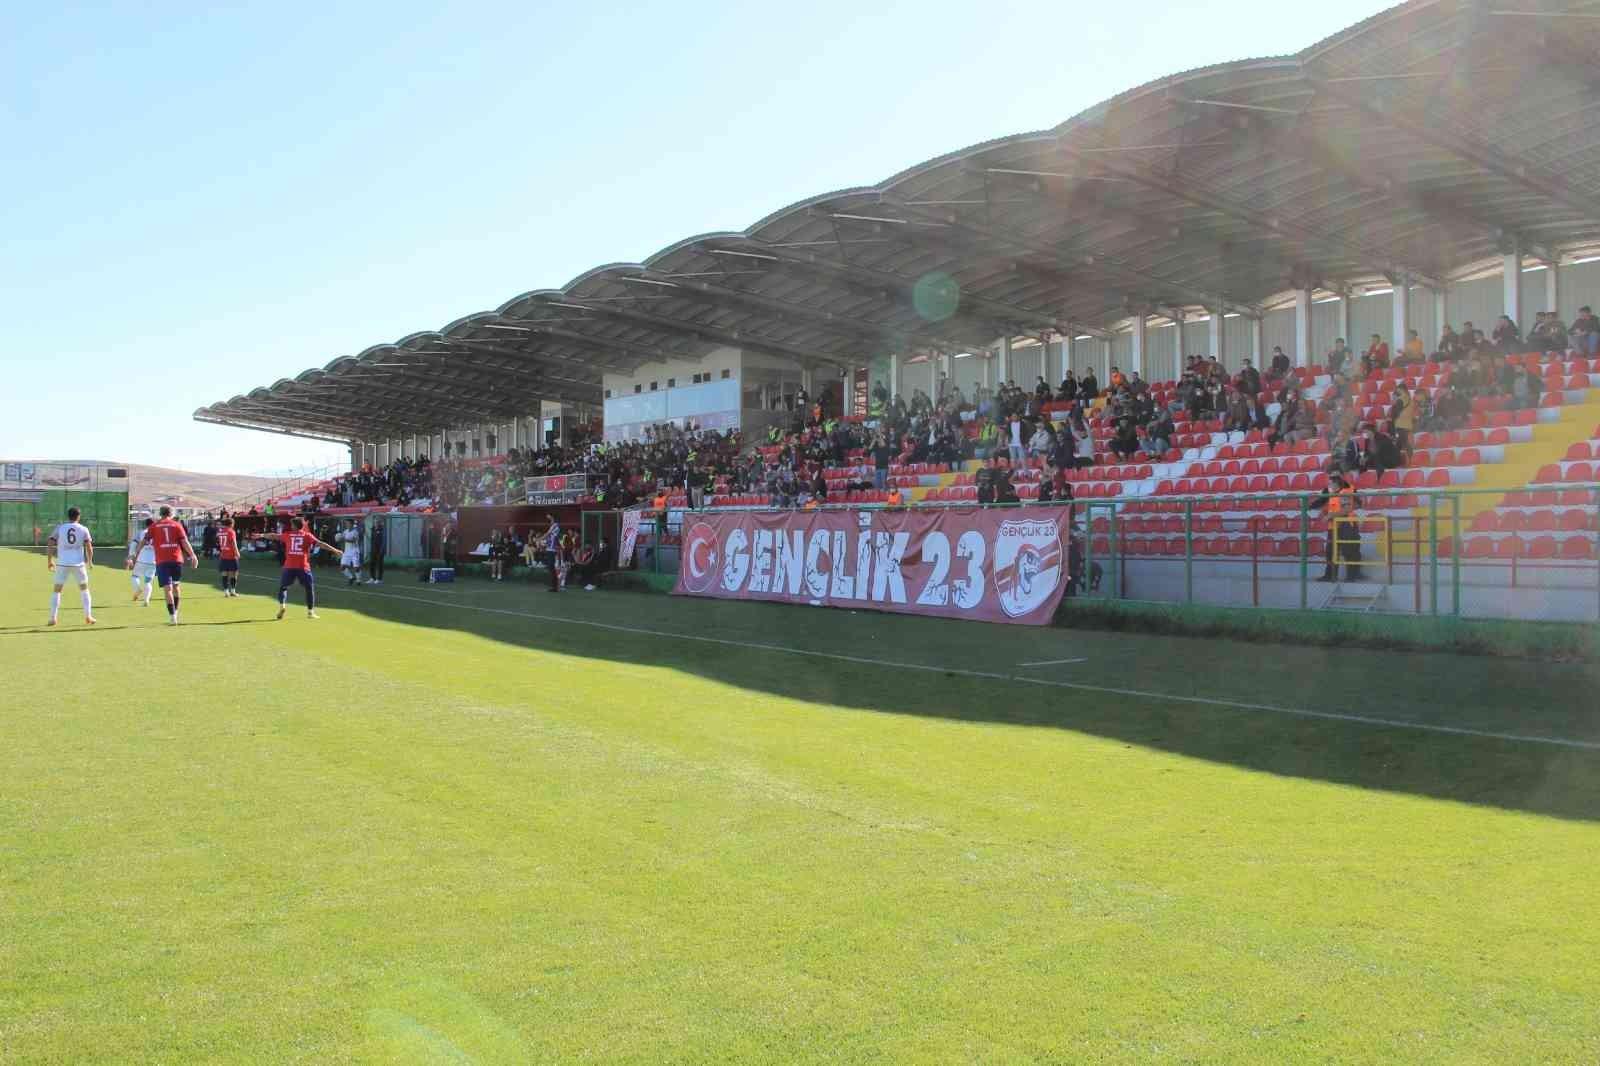 Elazığspor – Kahta 02 Spor maçını 600 biletli seyirci izledi